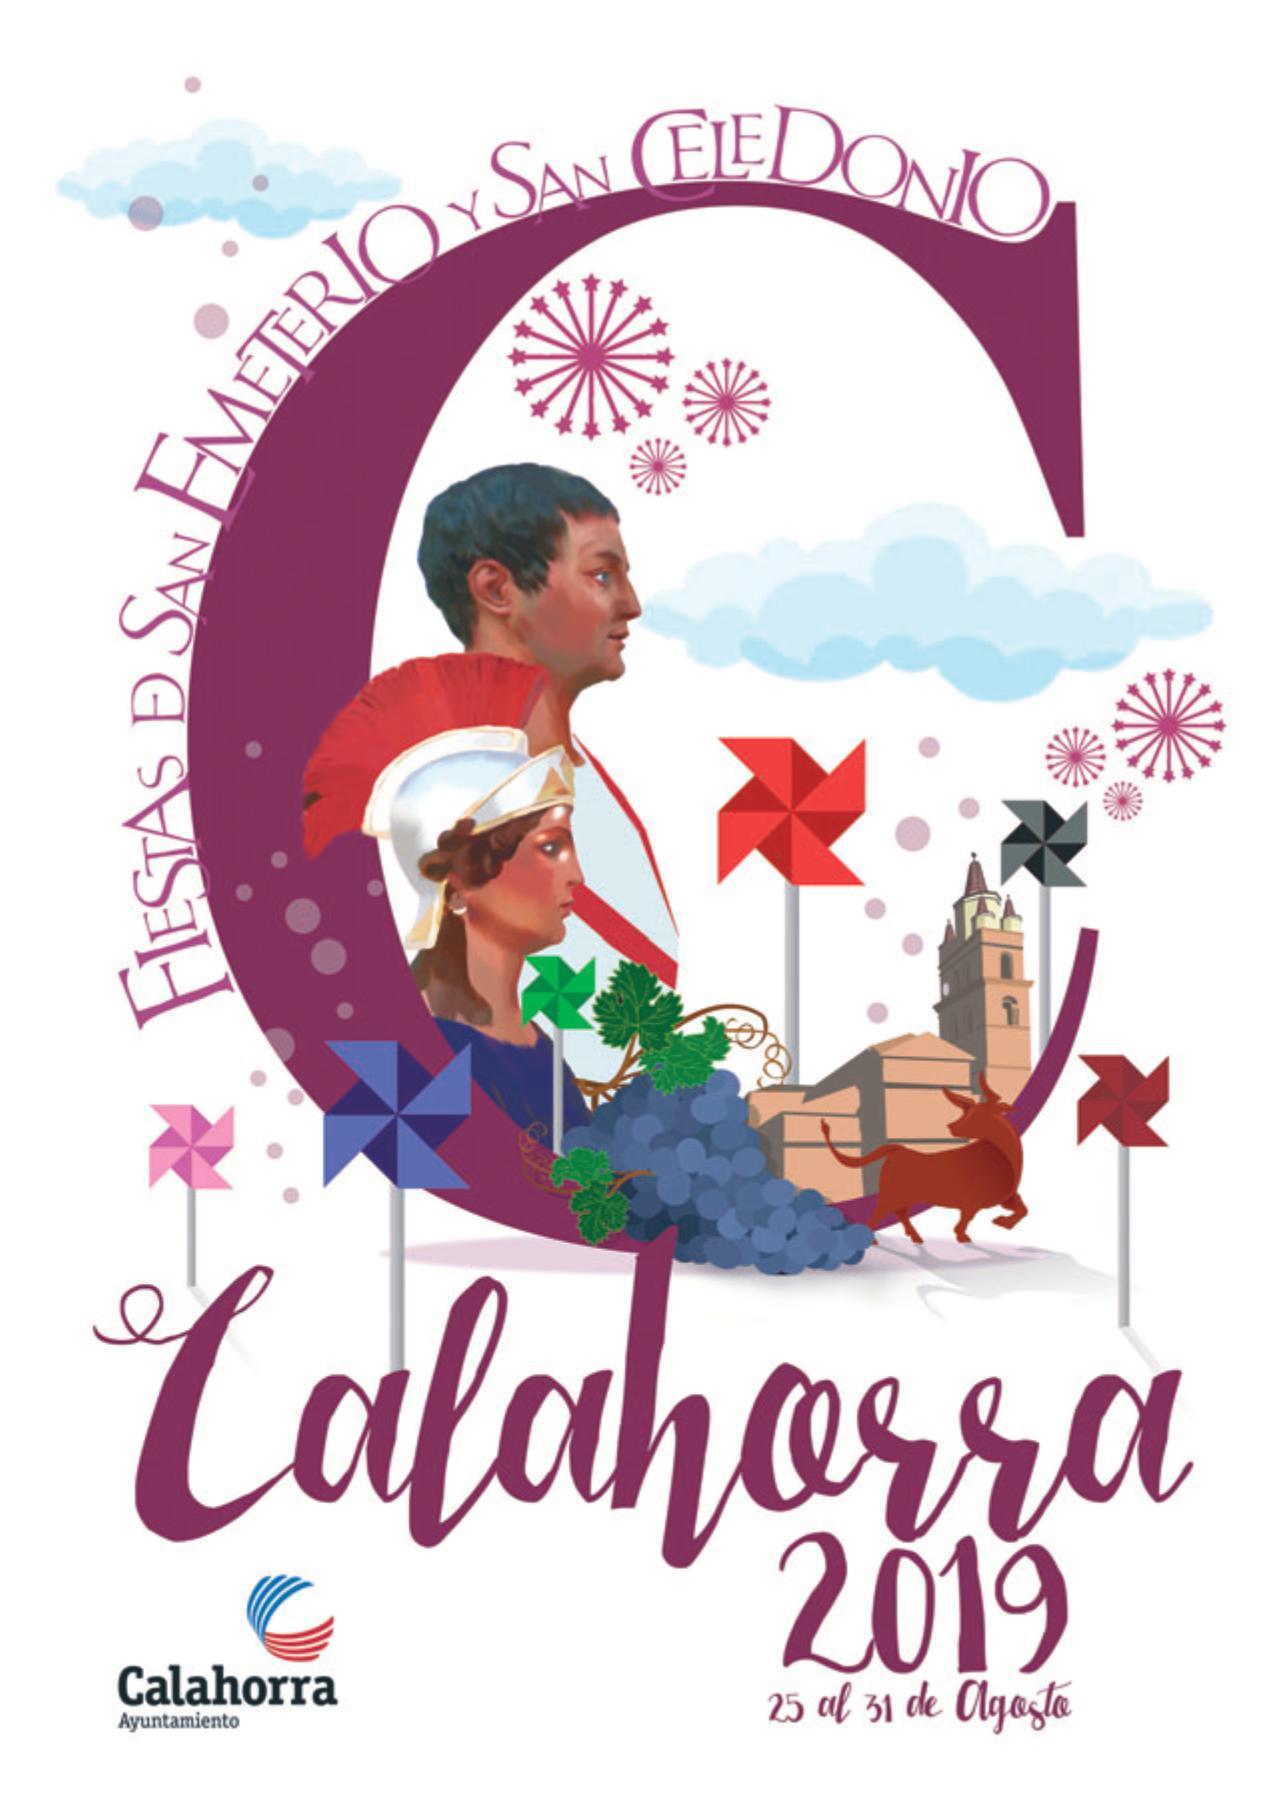 Fiestas en Calahorra Fiestas de San Emeterio y San Celedonio